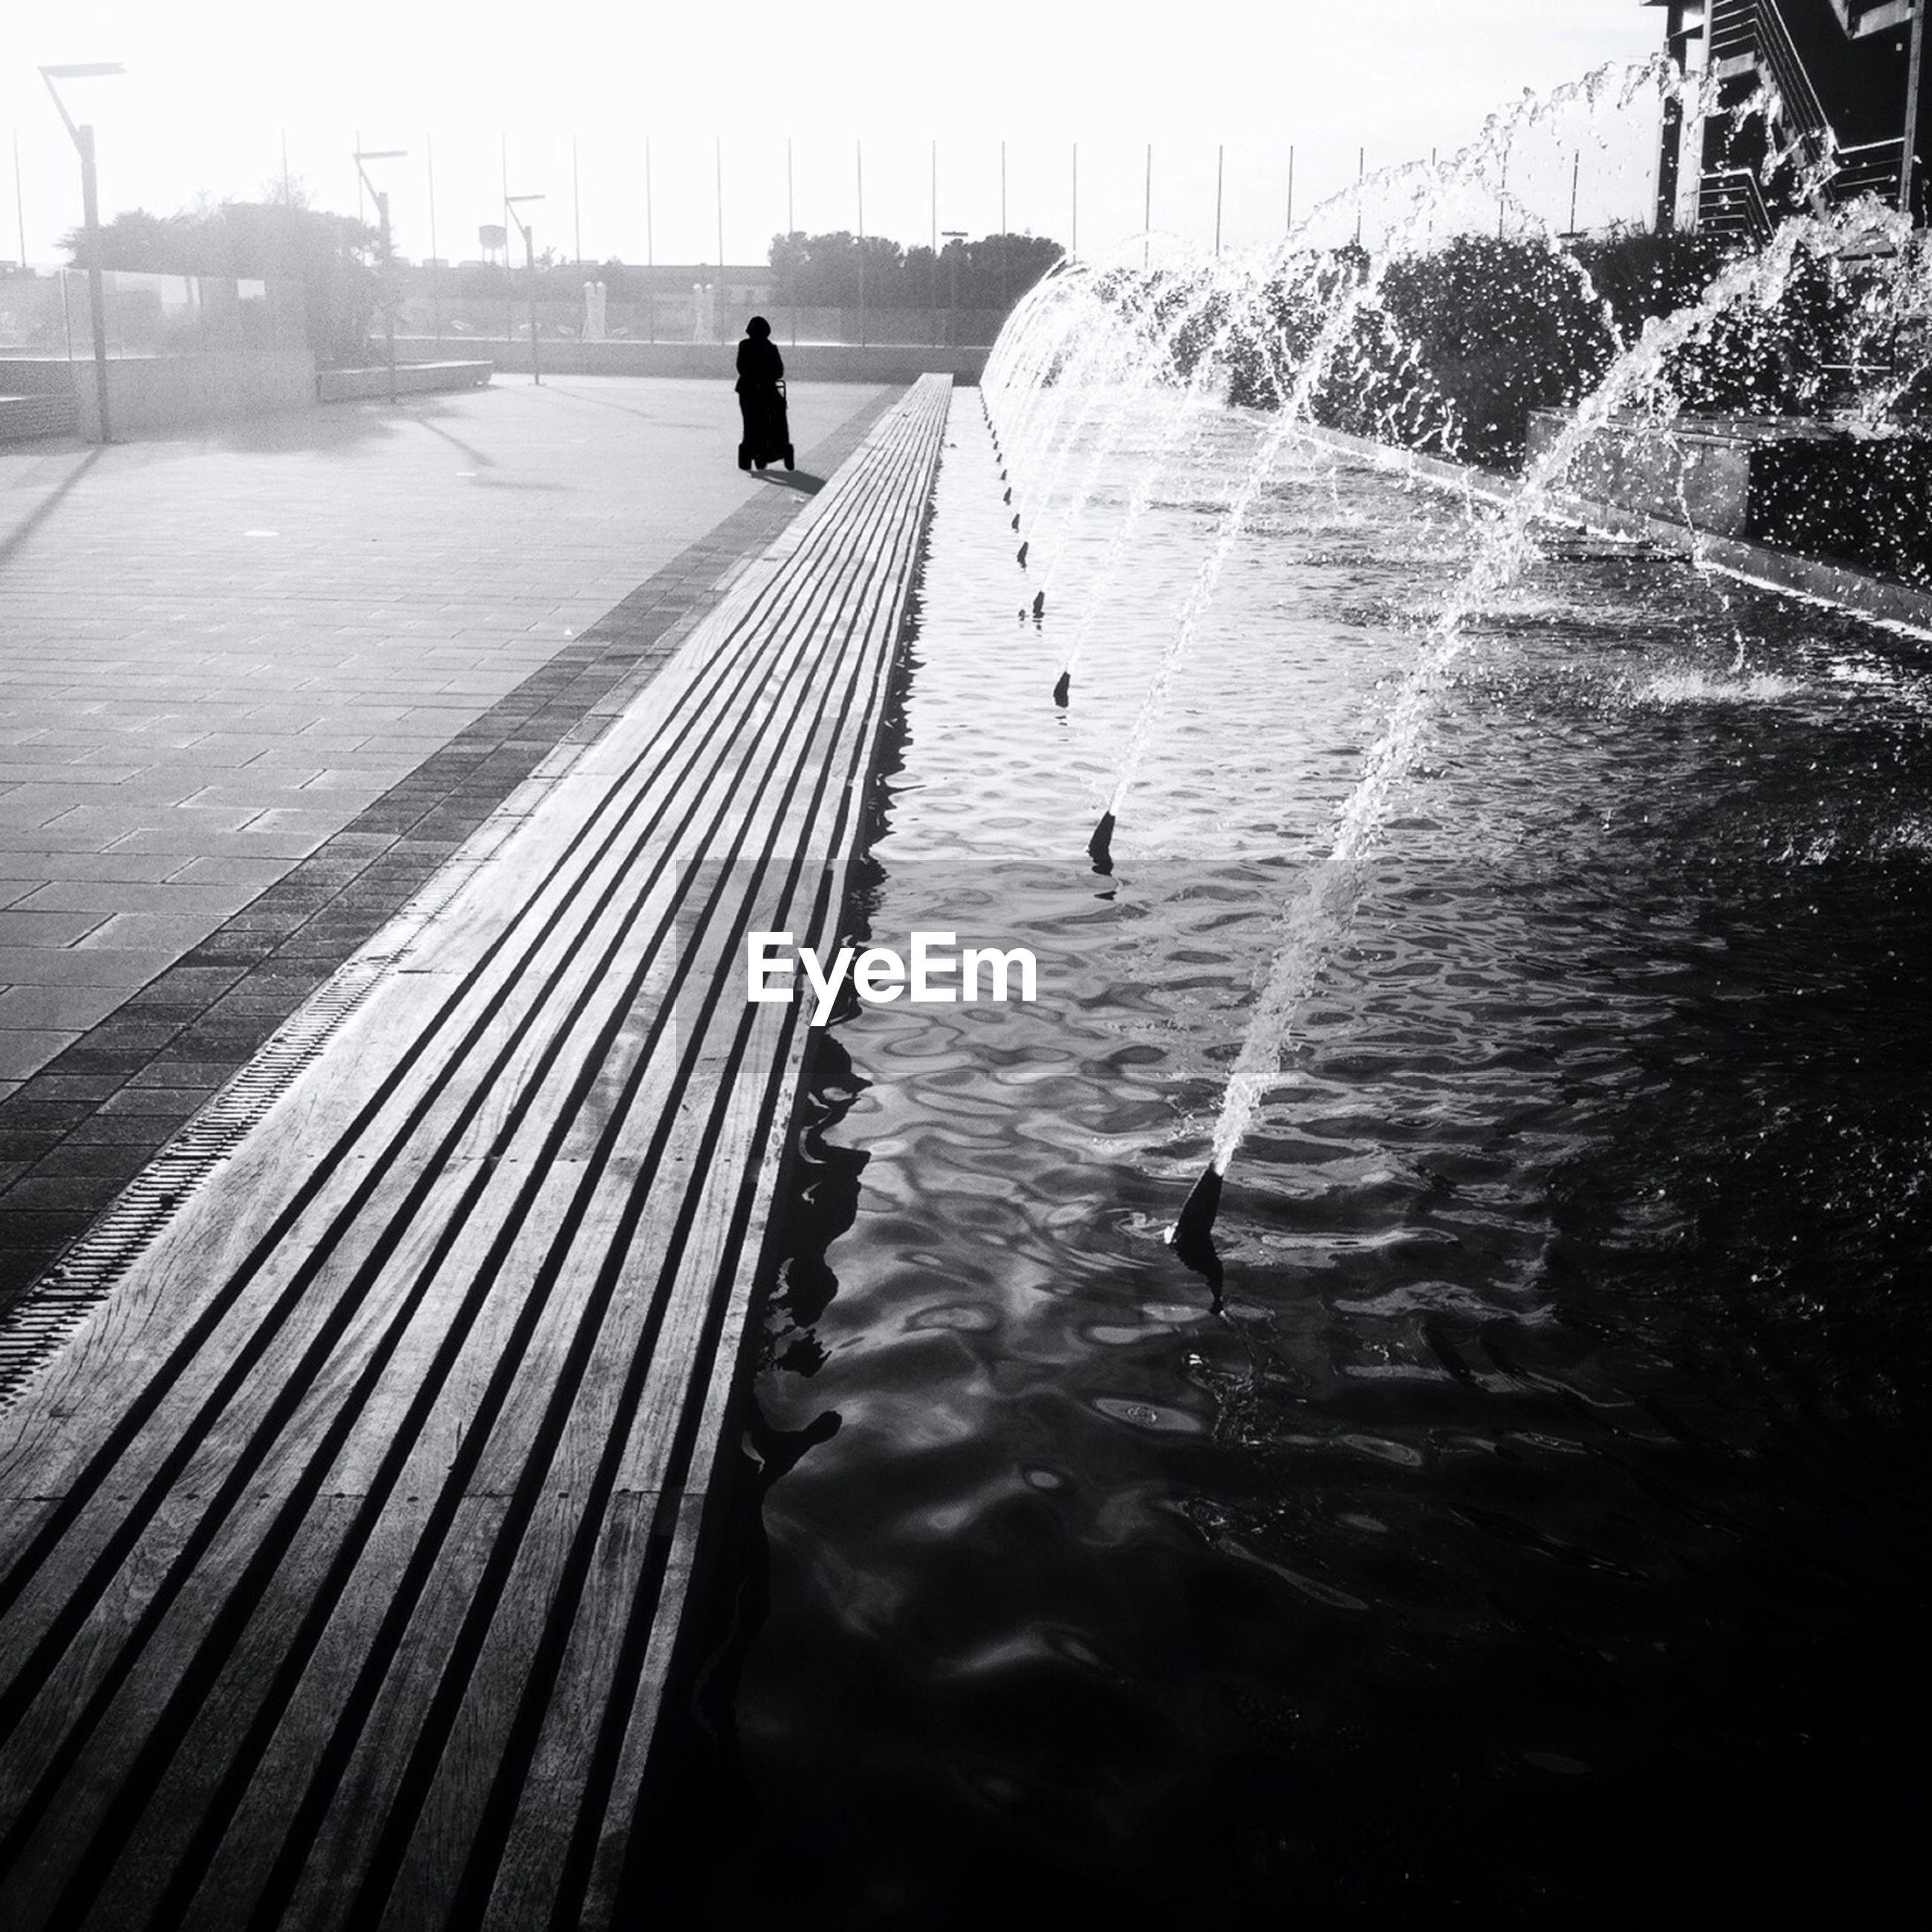 Sidewalk by fountain